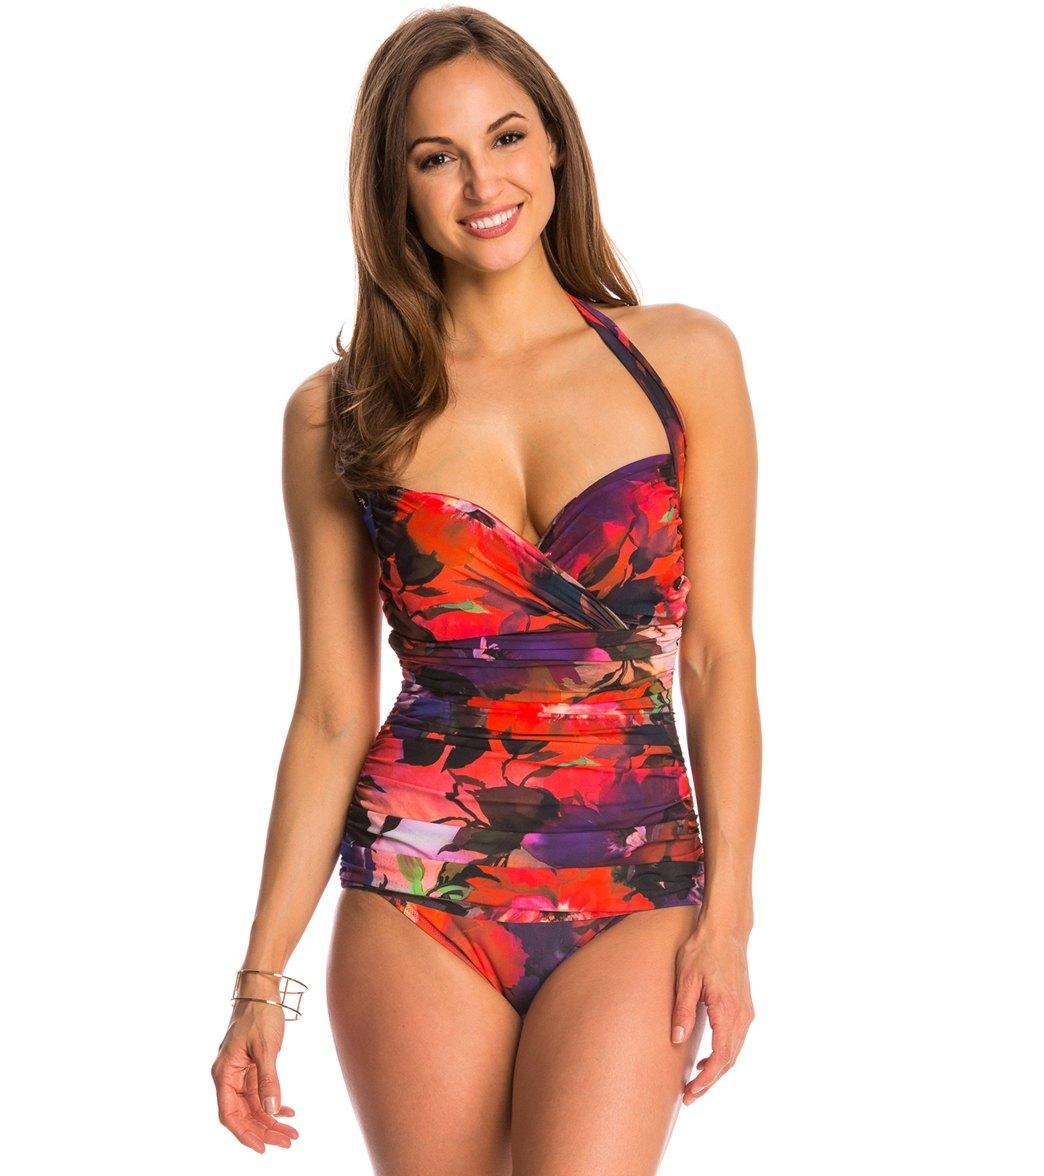 3dd3ec1500 Gottex Garden of Eden Molded Underwire Halter One Piece Swimsuit ...